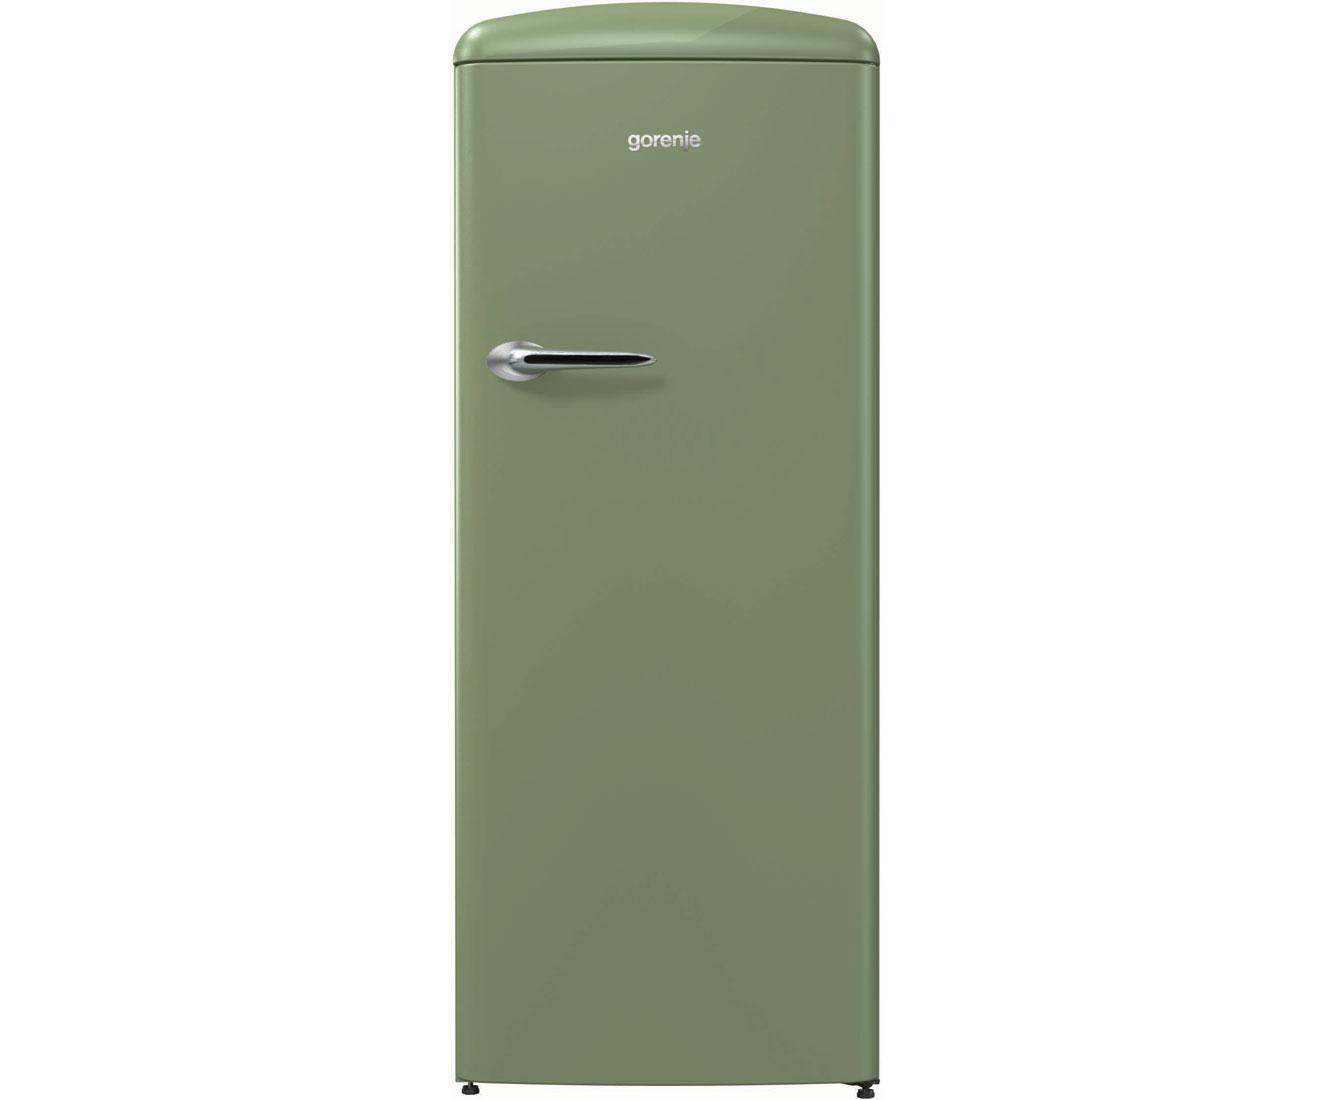 Gorenje Kühlschrank Preisvergleich : Gorenje kühlschrank rosa küchen umstyling go retro gorenje